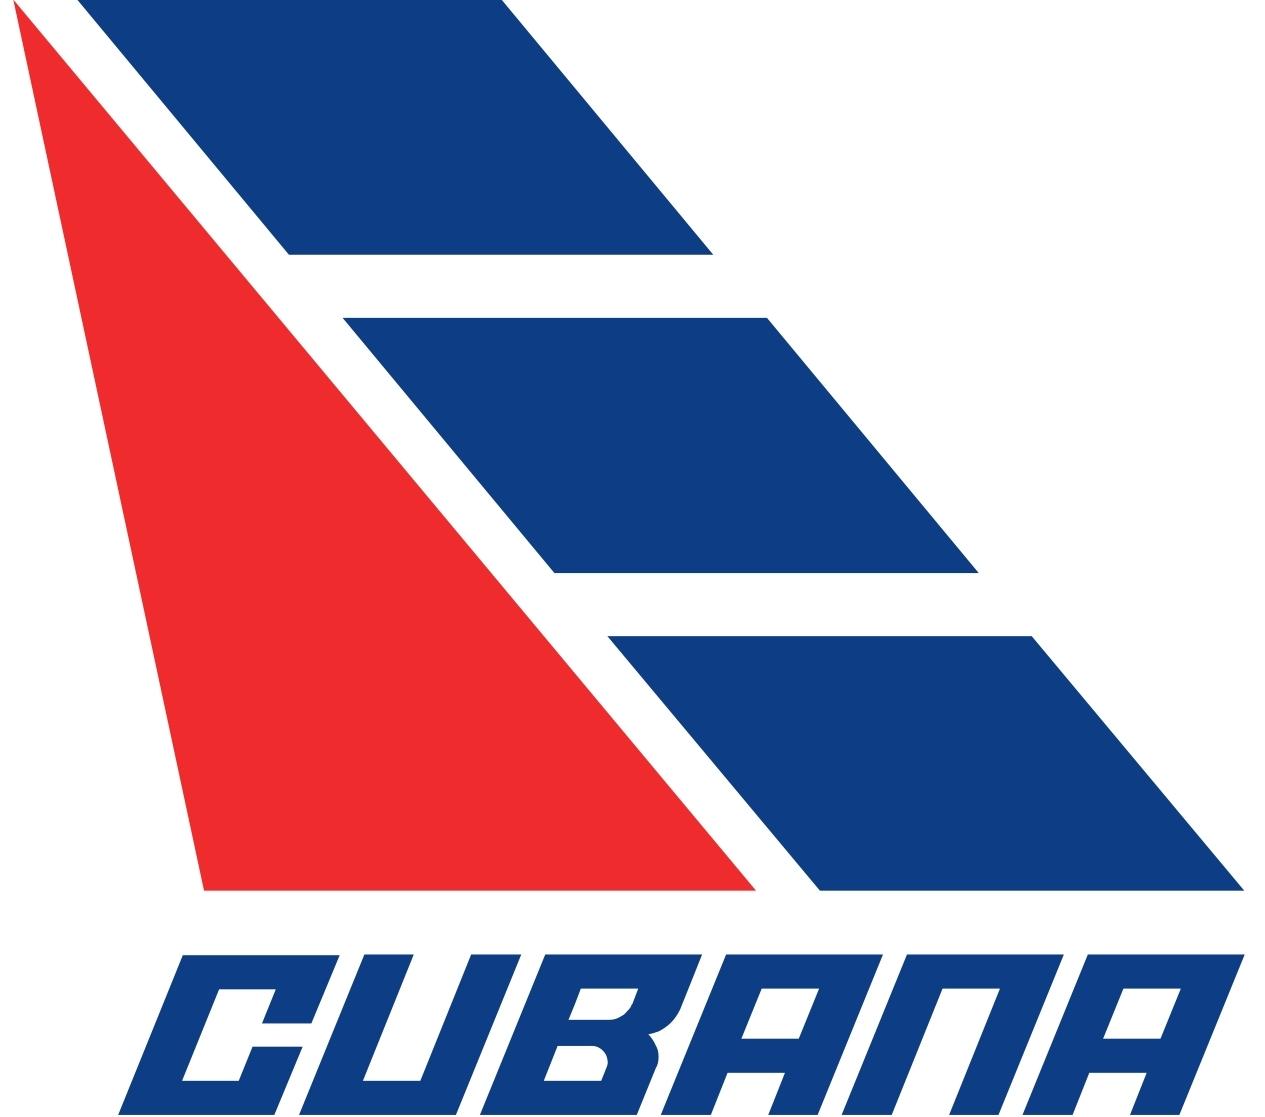 Cubana Aviación_Isologotype